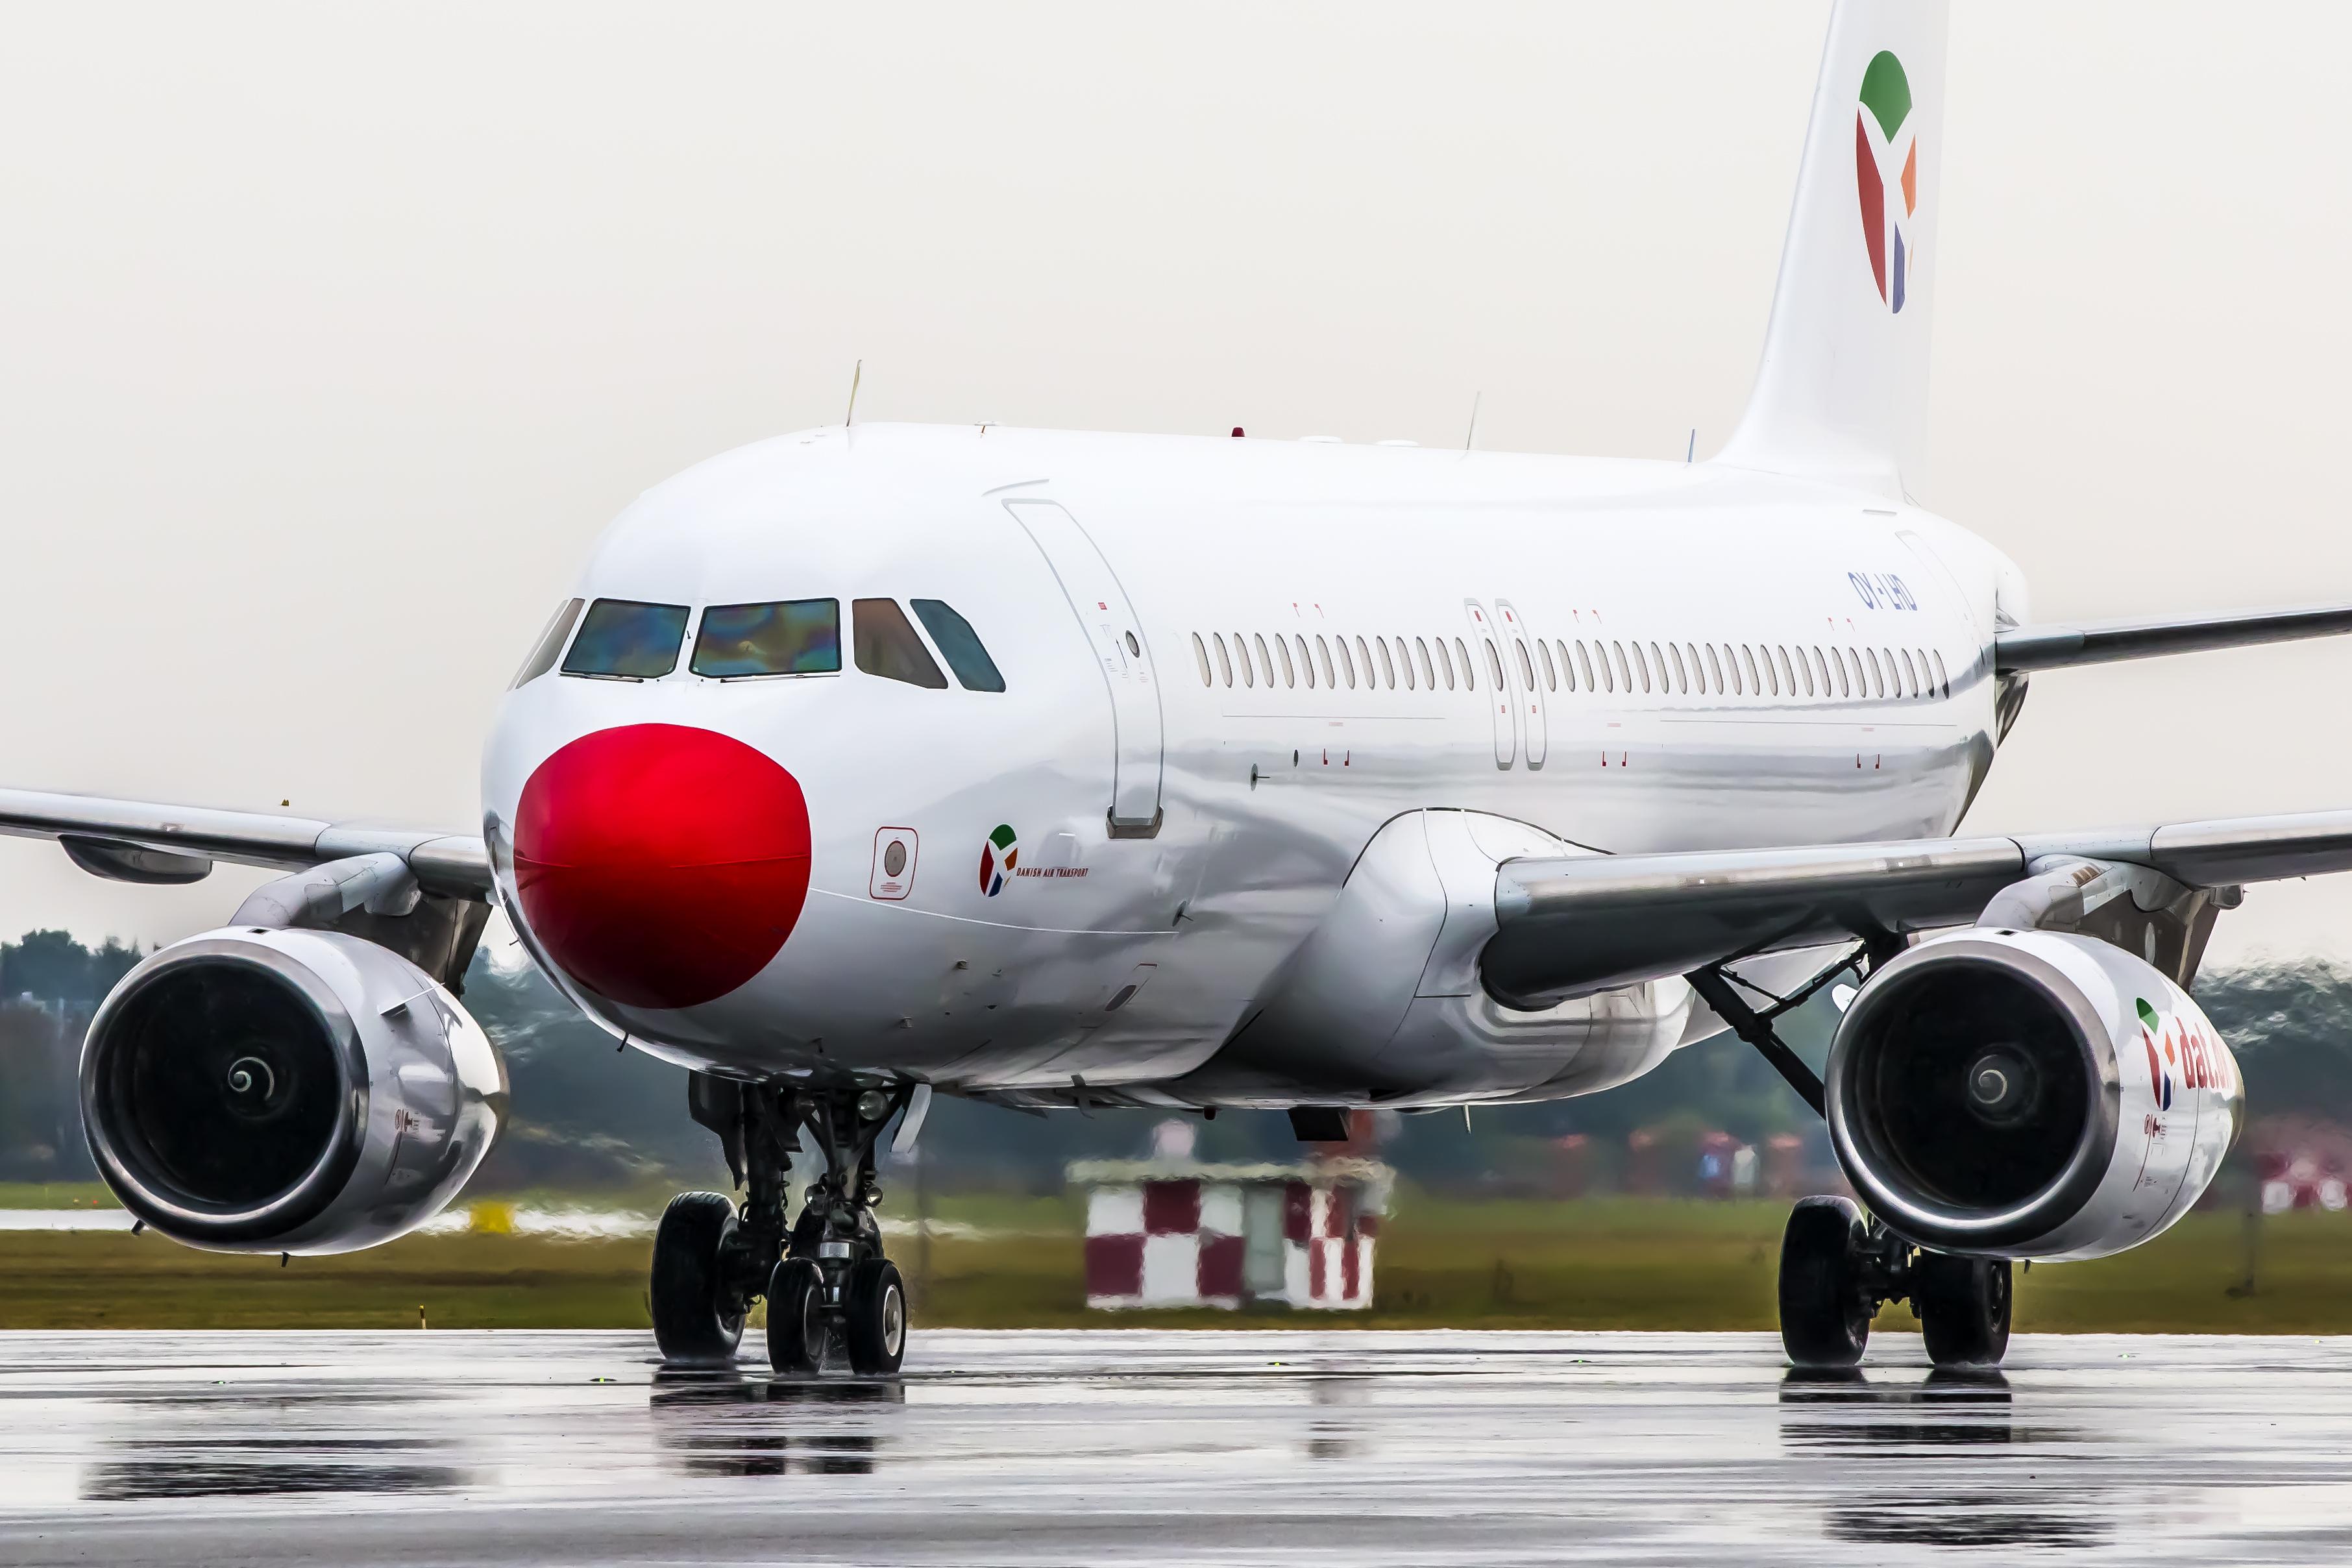 Danish Air Transport bruger blandt andet Airbus A320 til sine charterflyvninger. (Arkivfoto: © Thorbjørn Brunander Sund, Danish Aviation Photo)